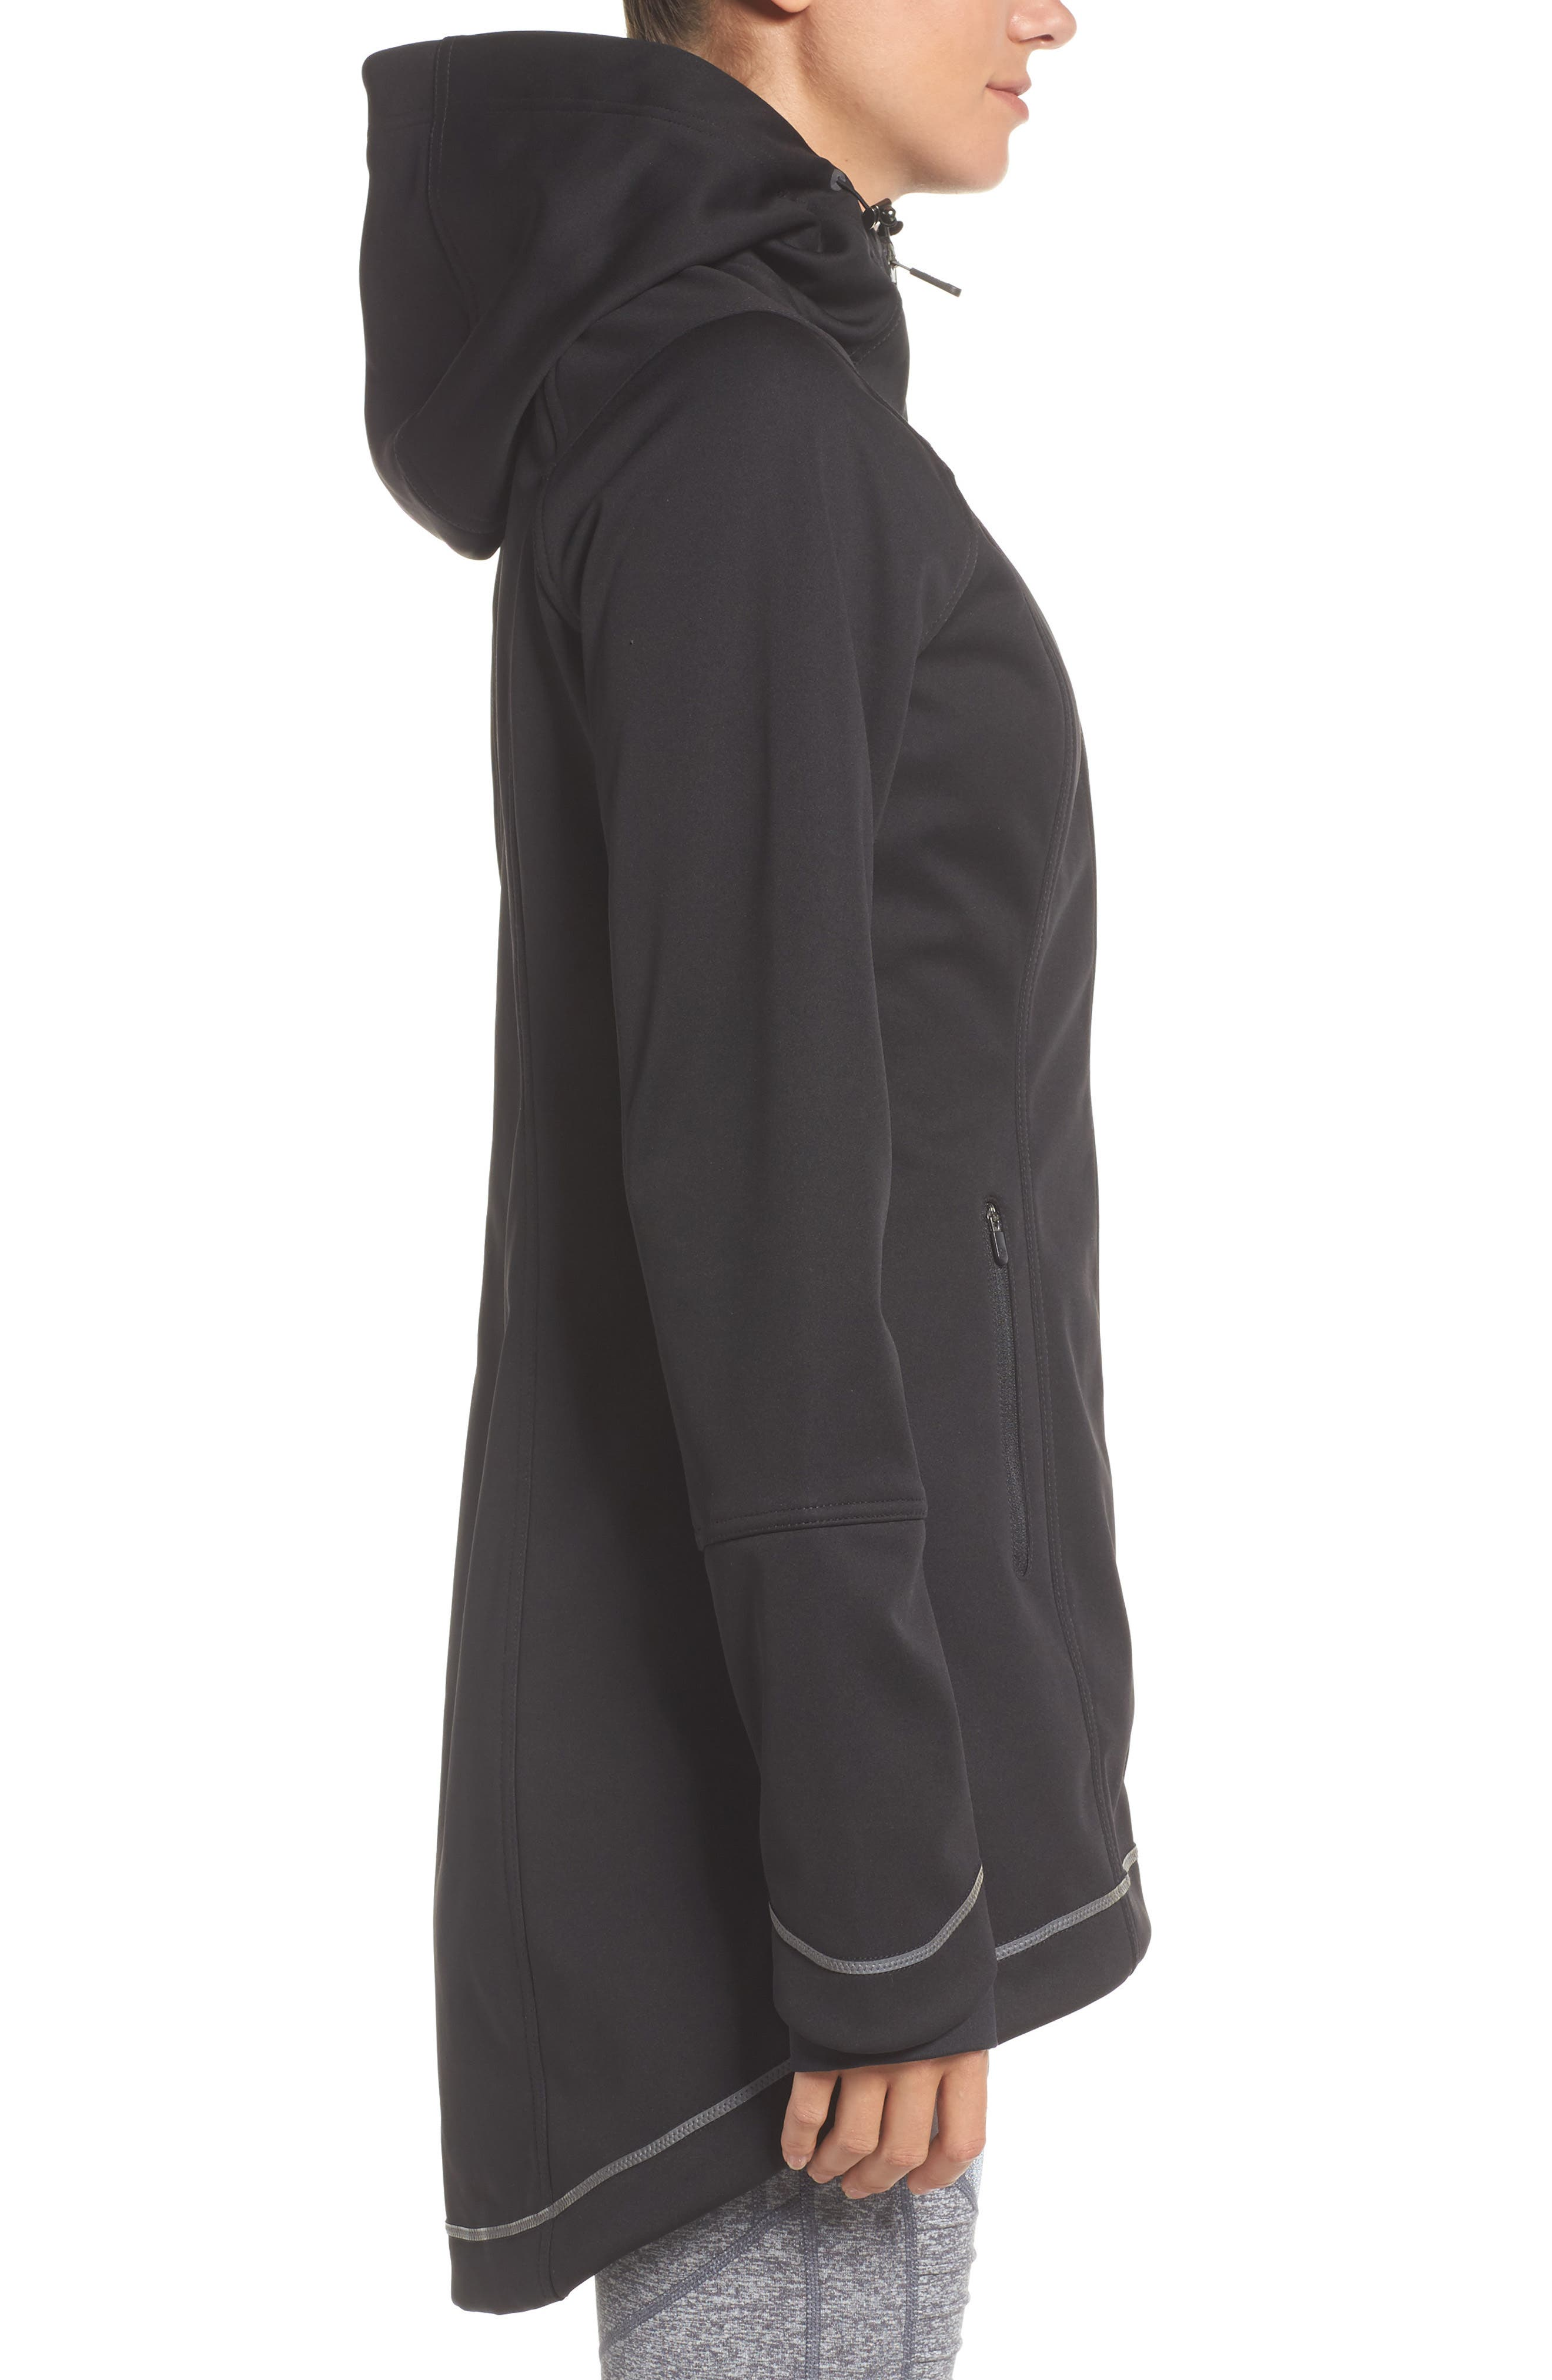 Alternate Image 3  - Zella At the Edge Softshell Jacket